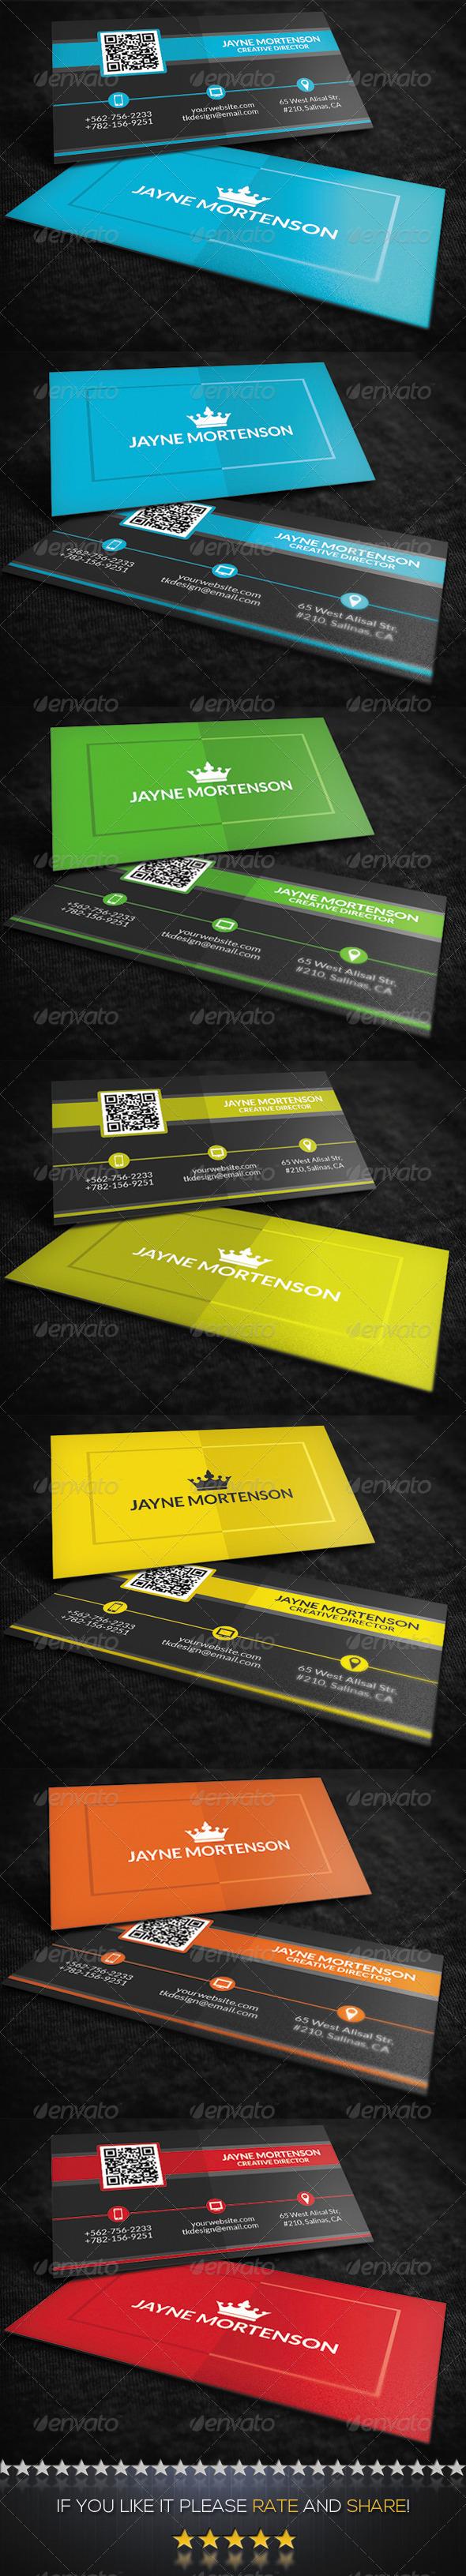 GraphicRiver Multi-Purpose Business Card 8584655